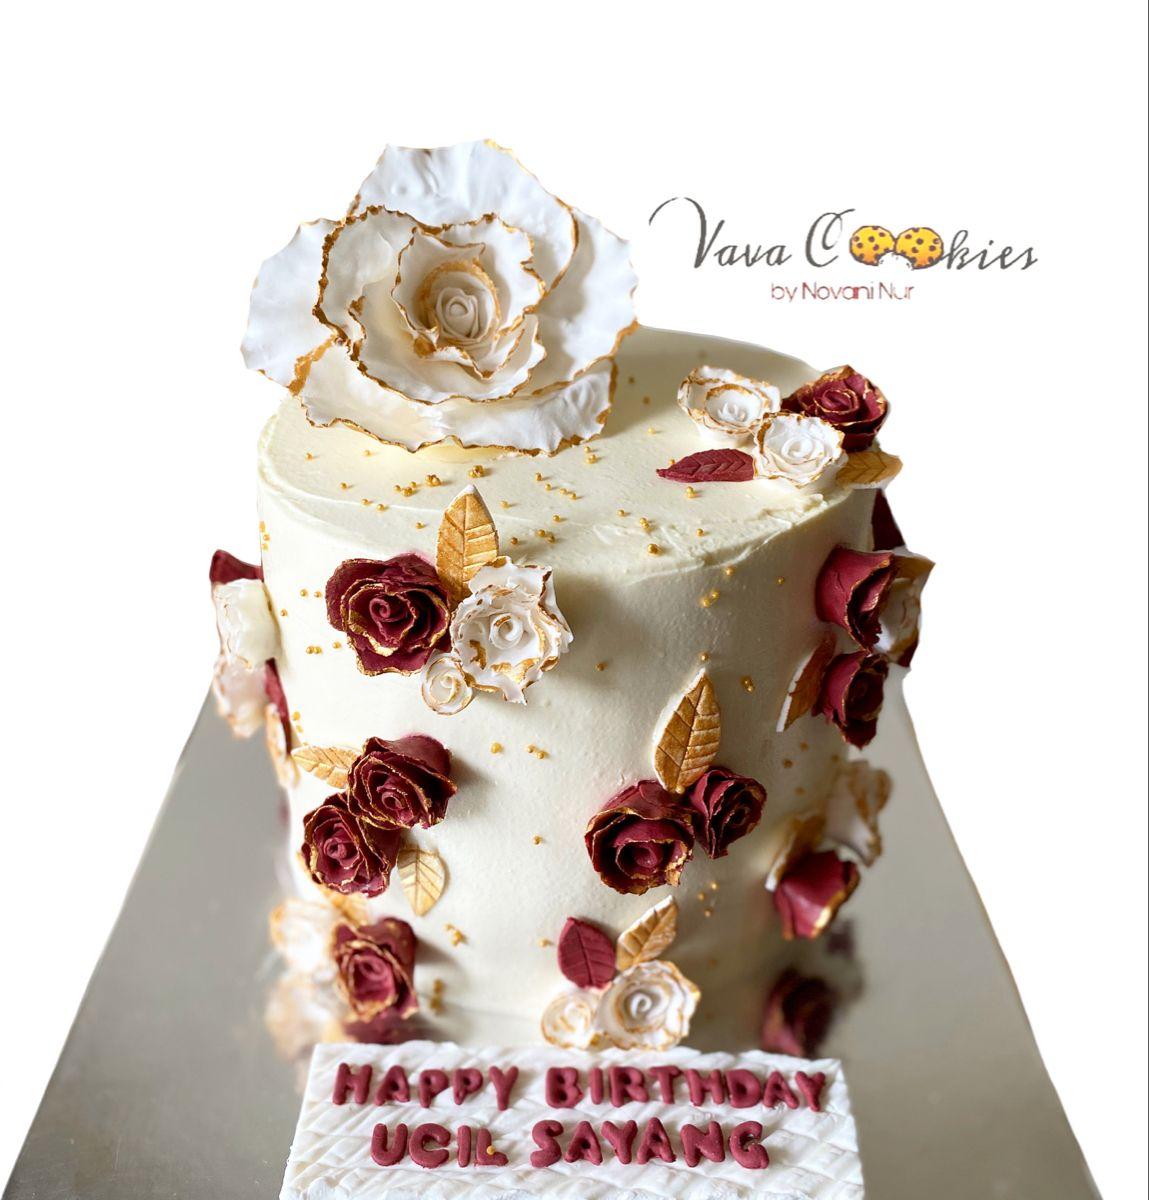 #flowercake#vavacookies